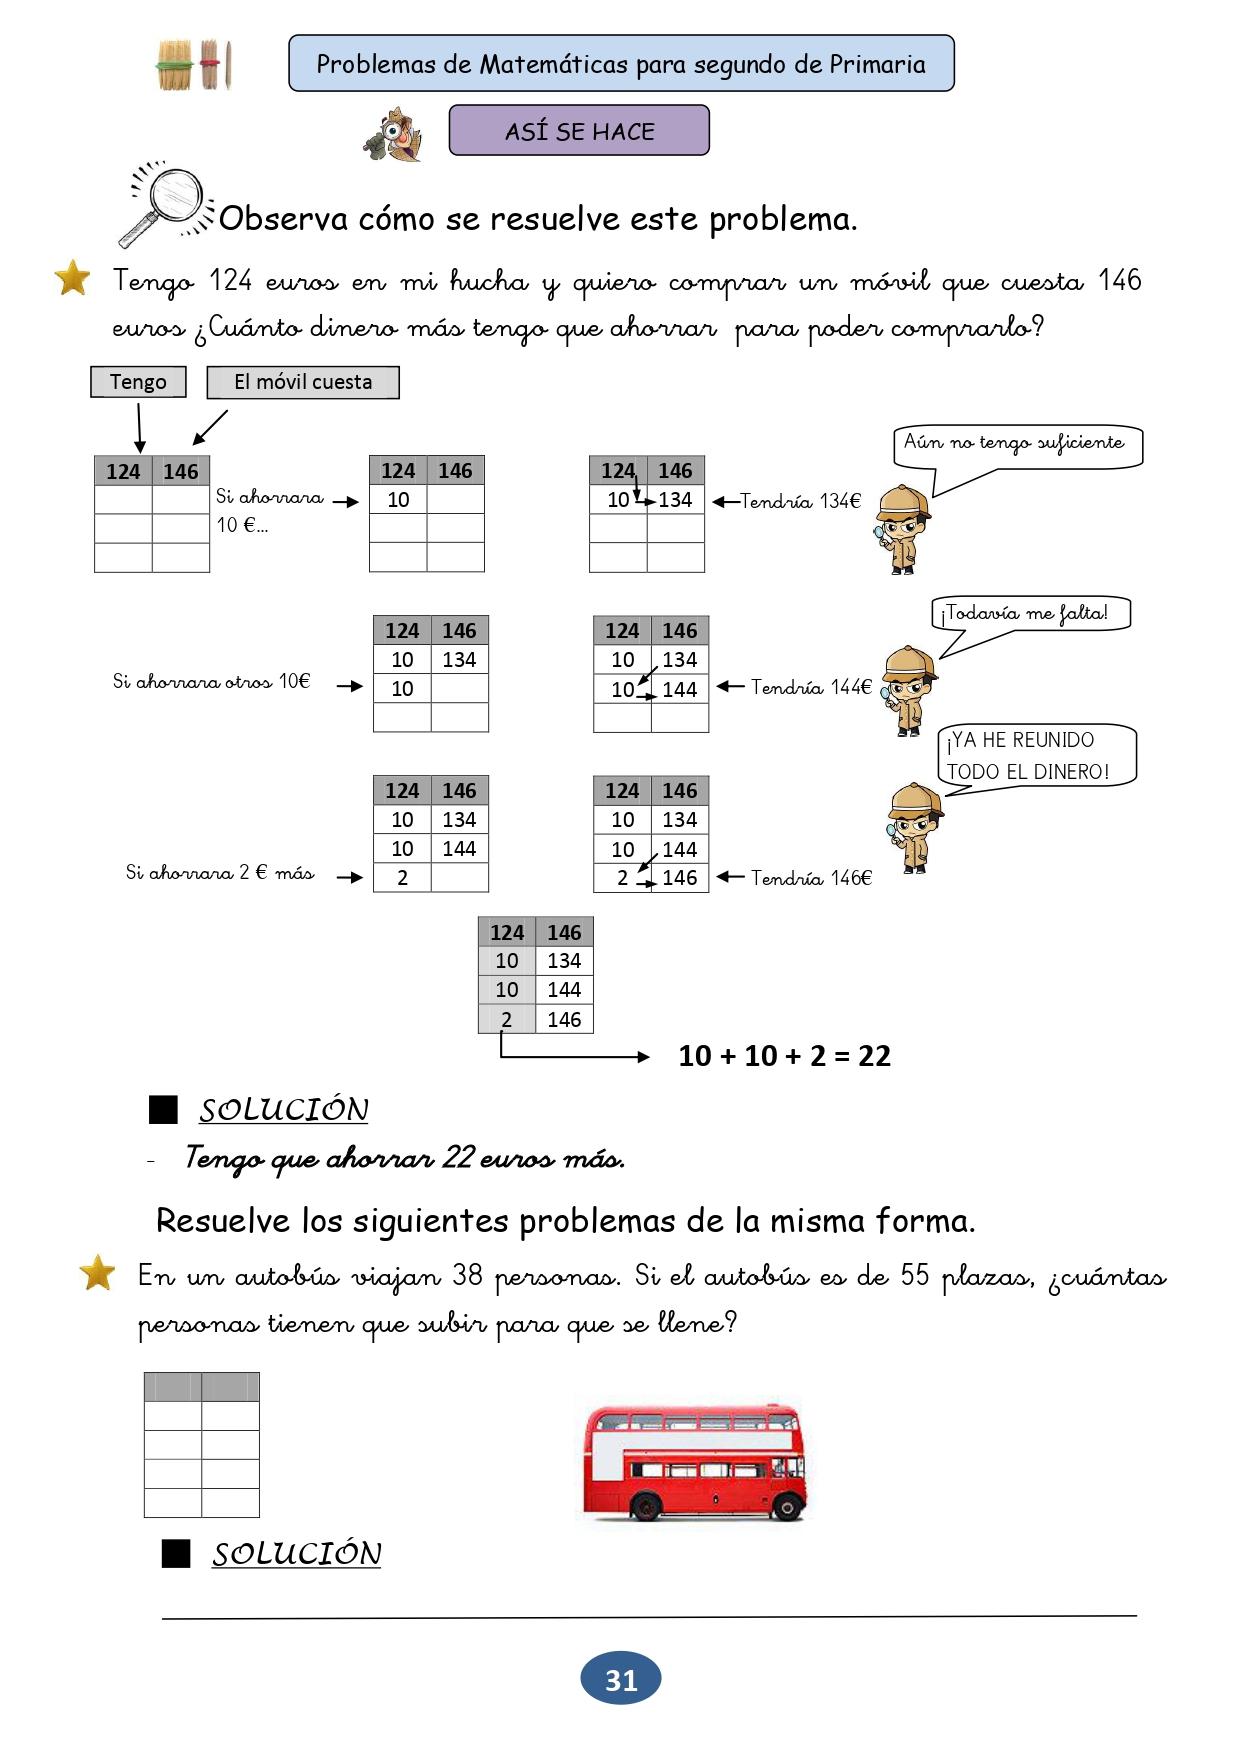 Ejercicios-De-Matem-ticas-Para-Segundo-Grado-De-Primaria-Pdf-31